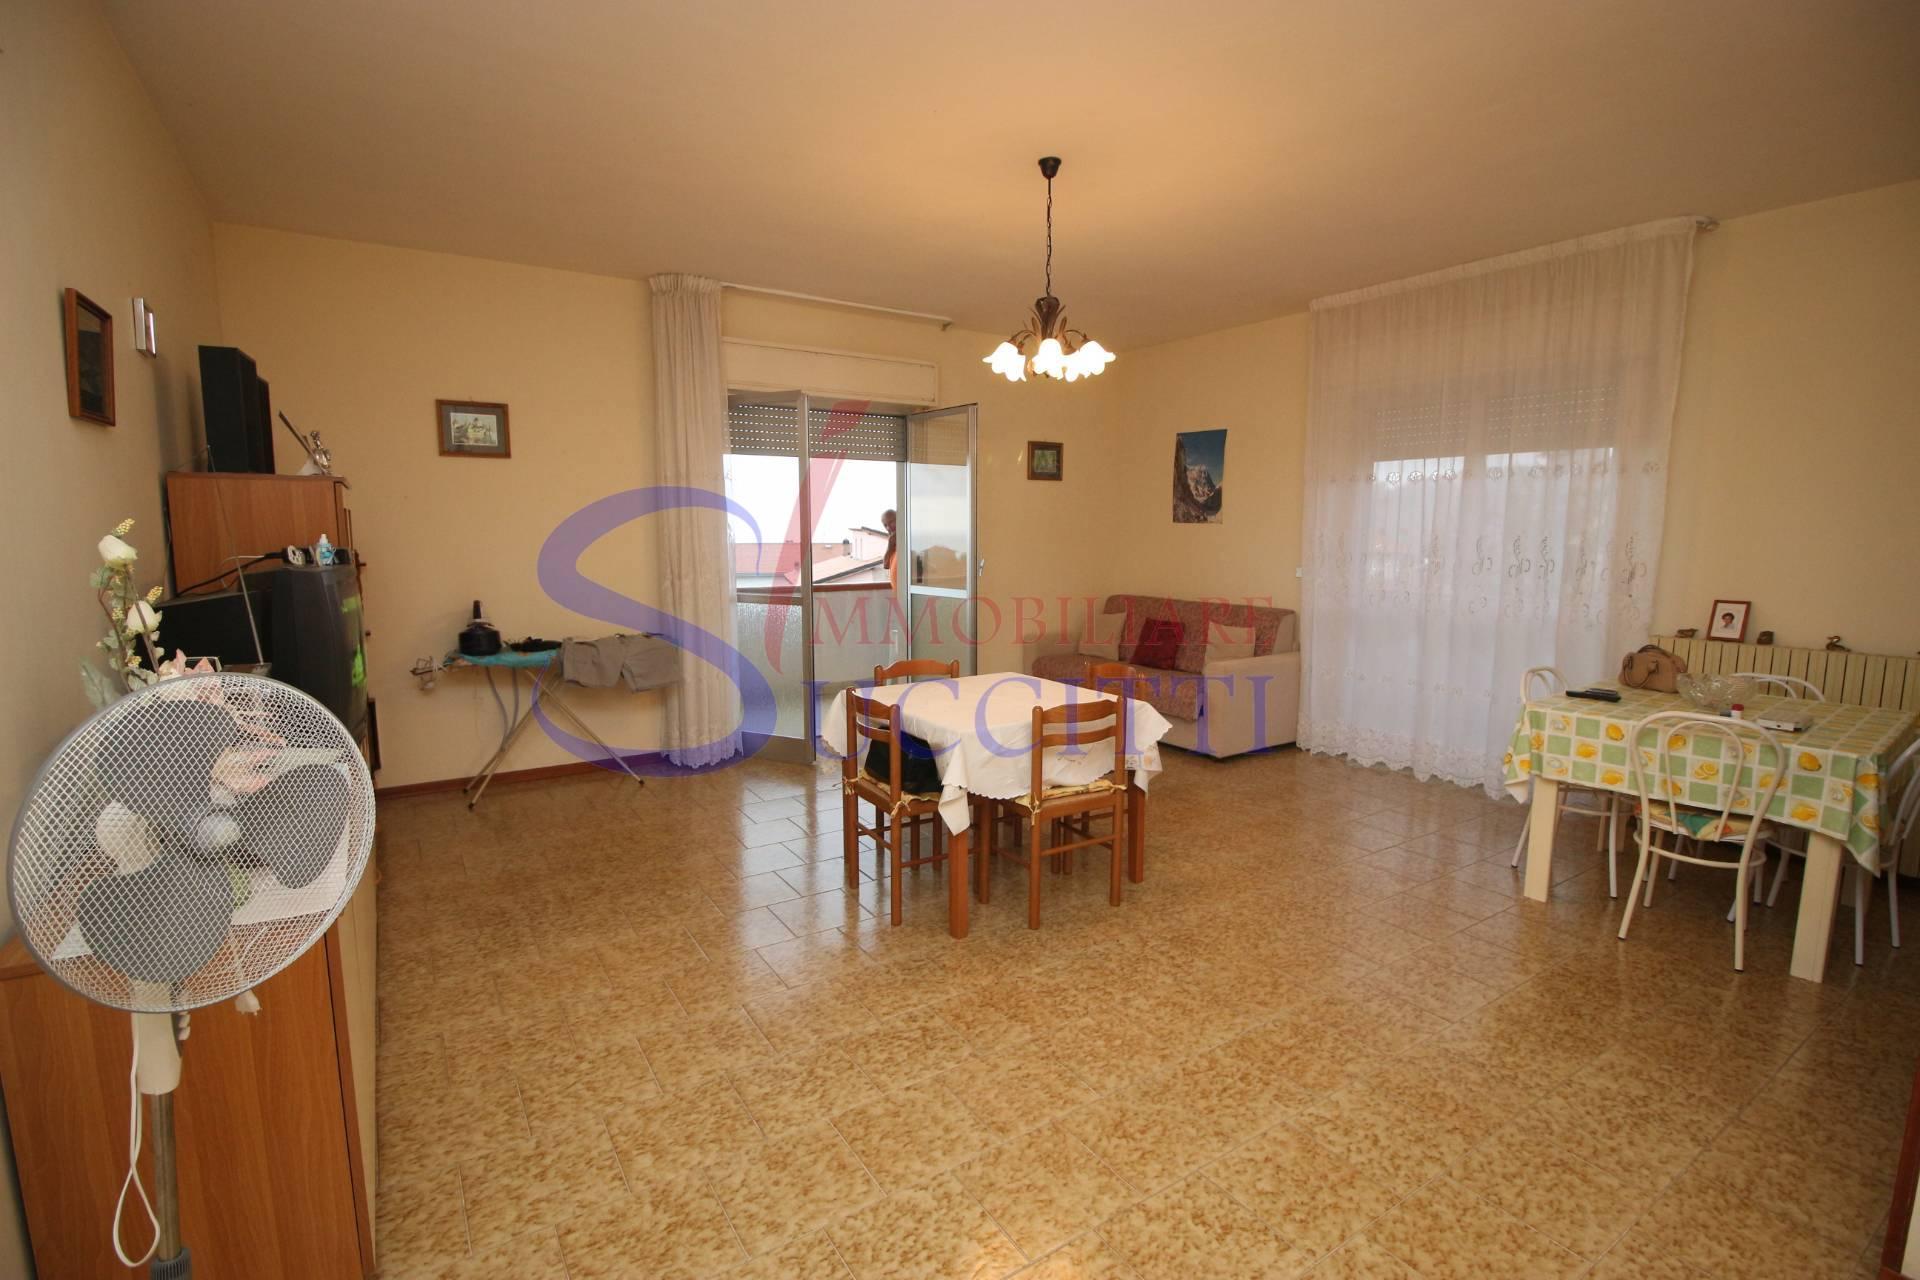 Appartamento in vendita a Tortoreto, 4 locali, zona Località: TortoretoAlta, prezzo € 96.000 | PortaleAgenzieImmobiliari.it